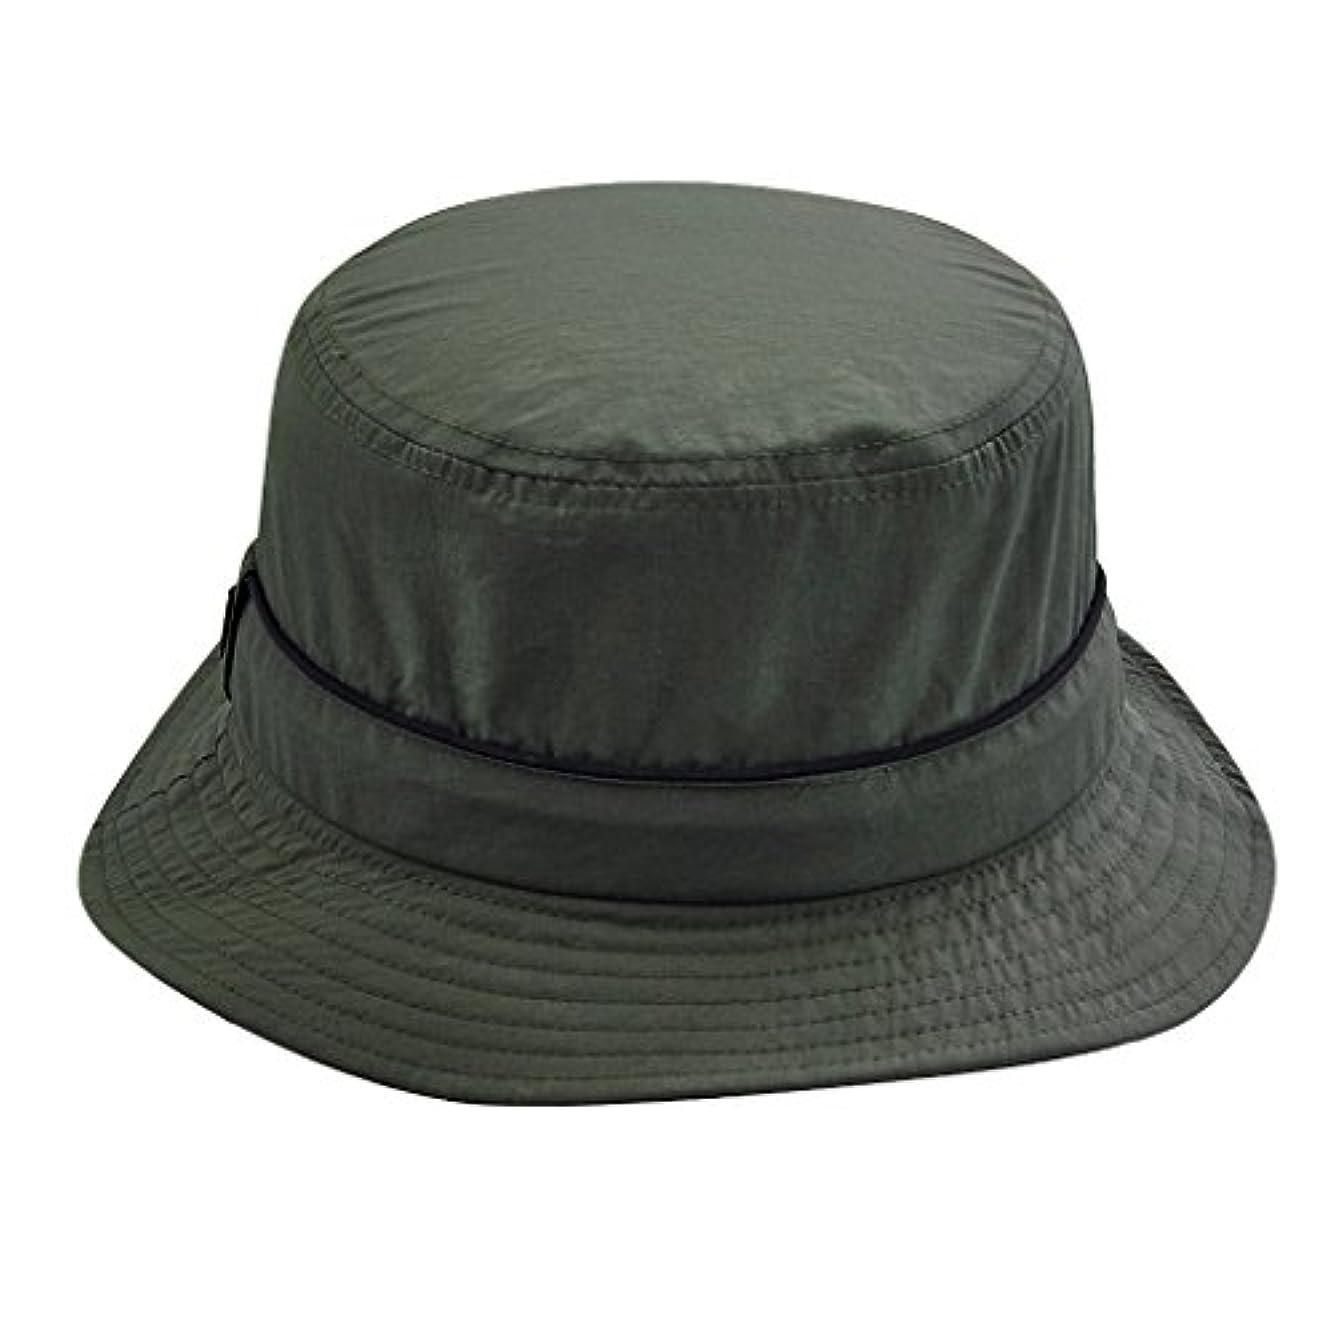 浮く状勇気Prettyia 屋外用 帽子 キャップ ハット 男女用 釣り キャンプ 登山 日焼け止め 軽量 快適 保護 全5色